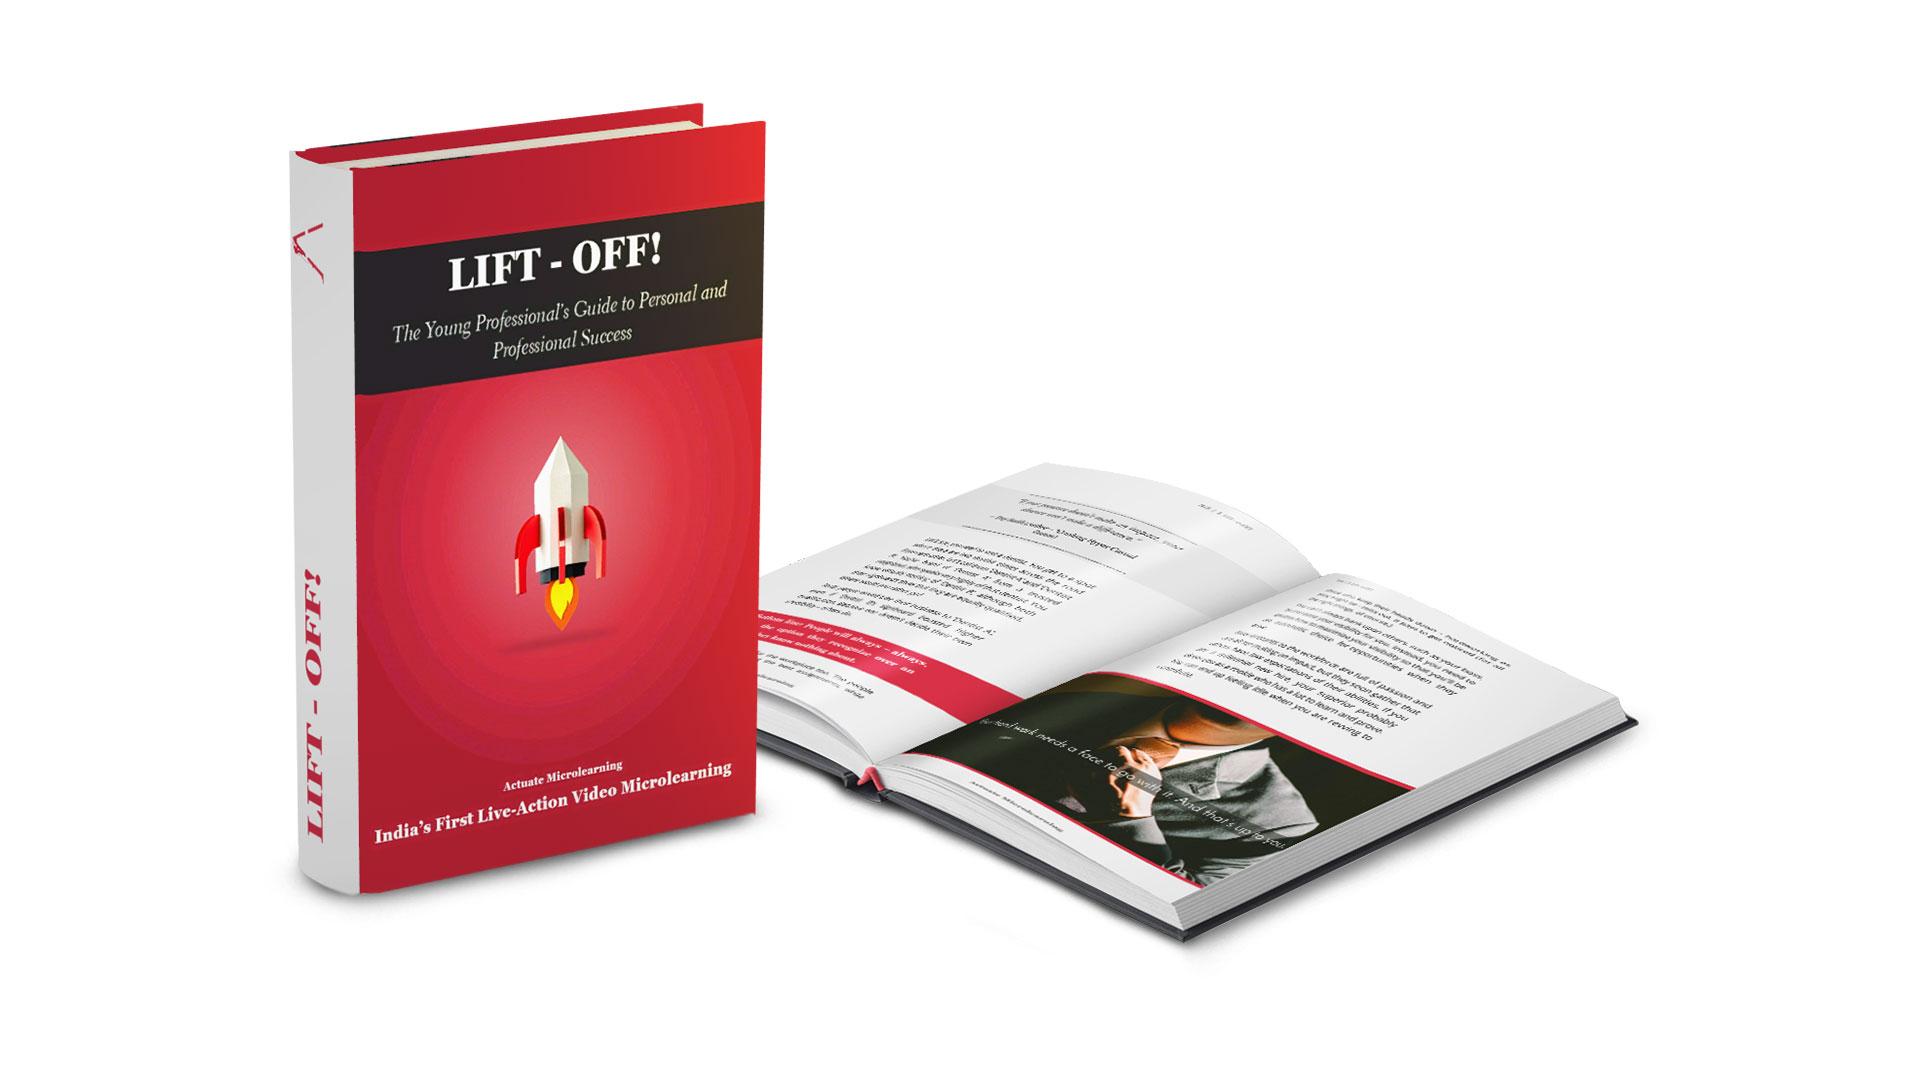 [eBook] Lift-Off!